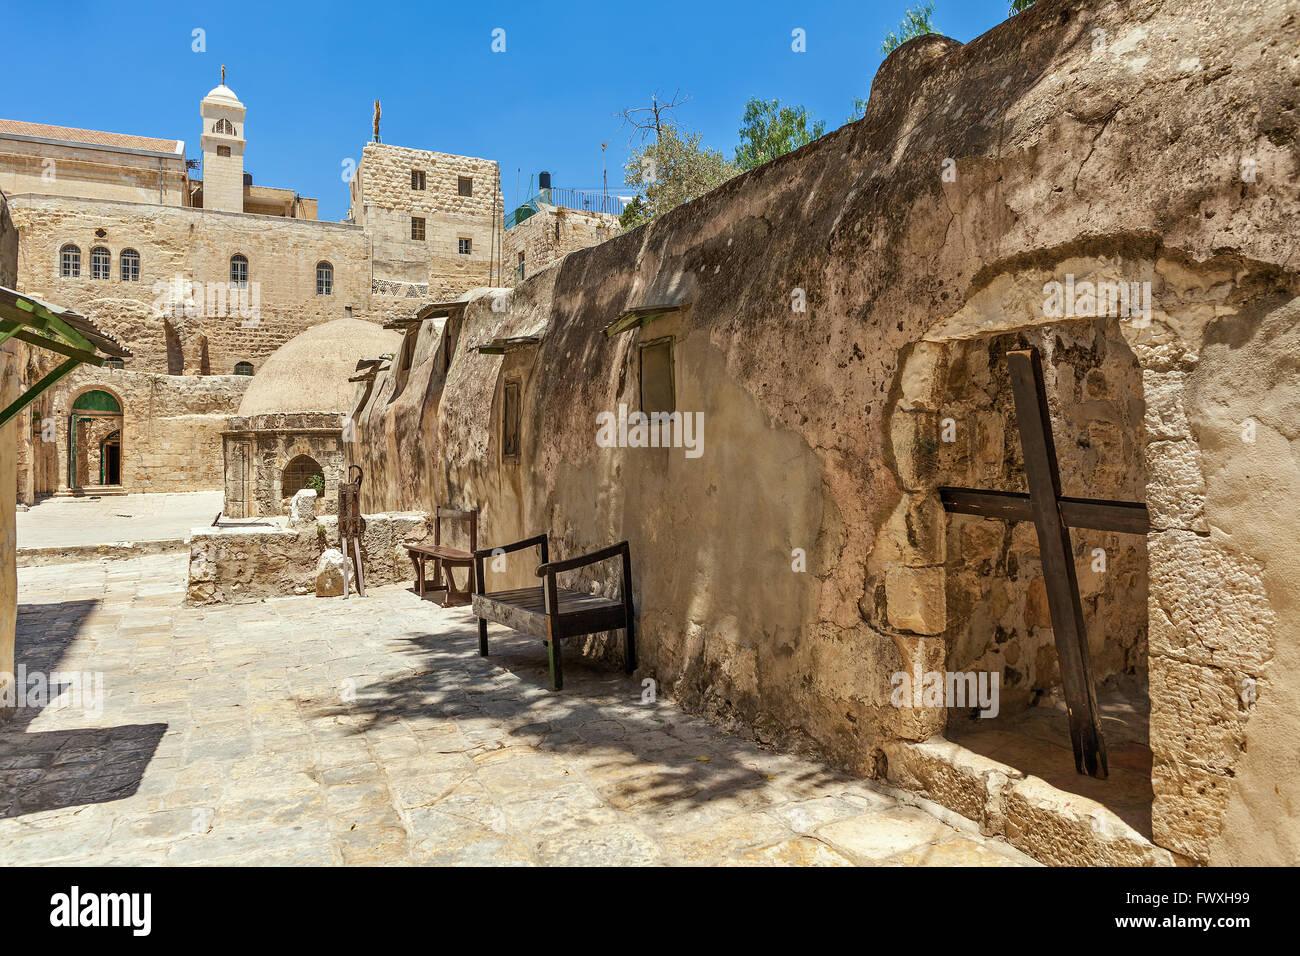 Croix de bois et de pierre cellules monastiques sur le toit de l'église du Saint-Sépulcre à Jérusalem, Photo Stock